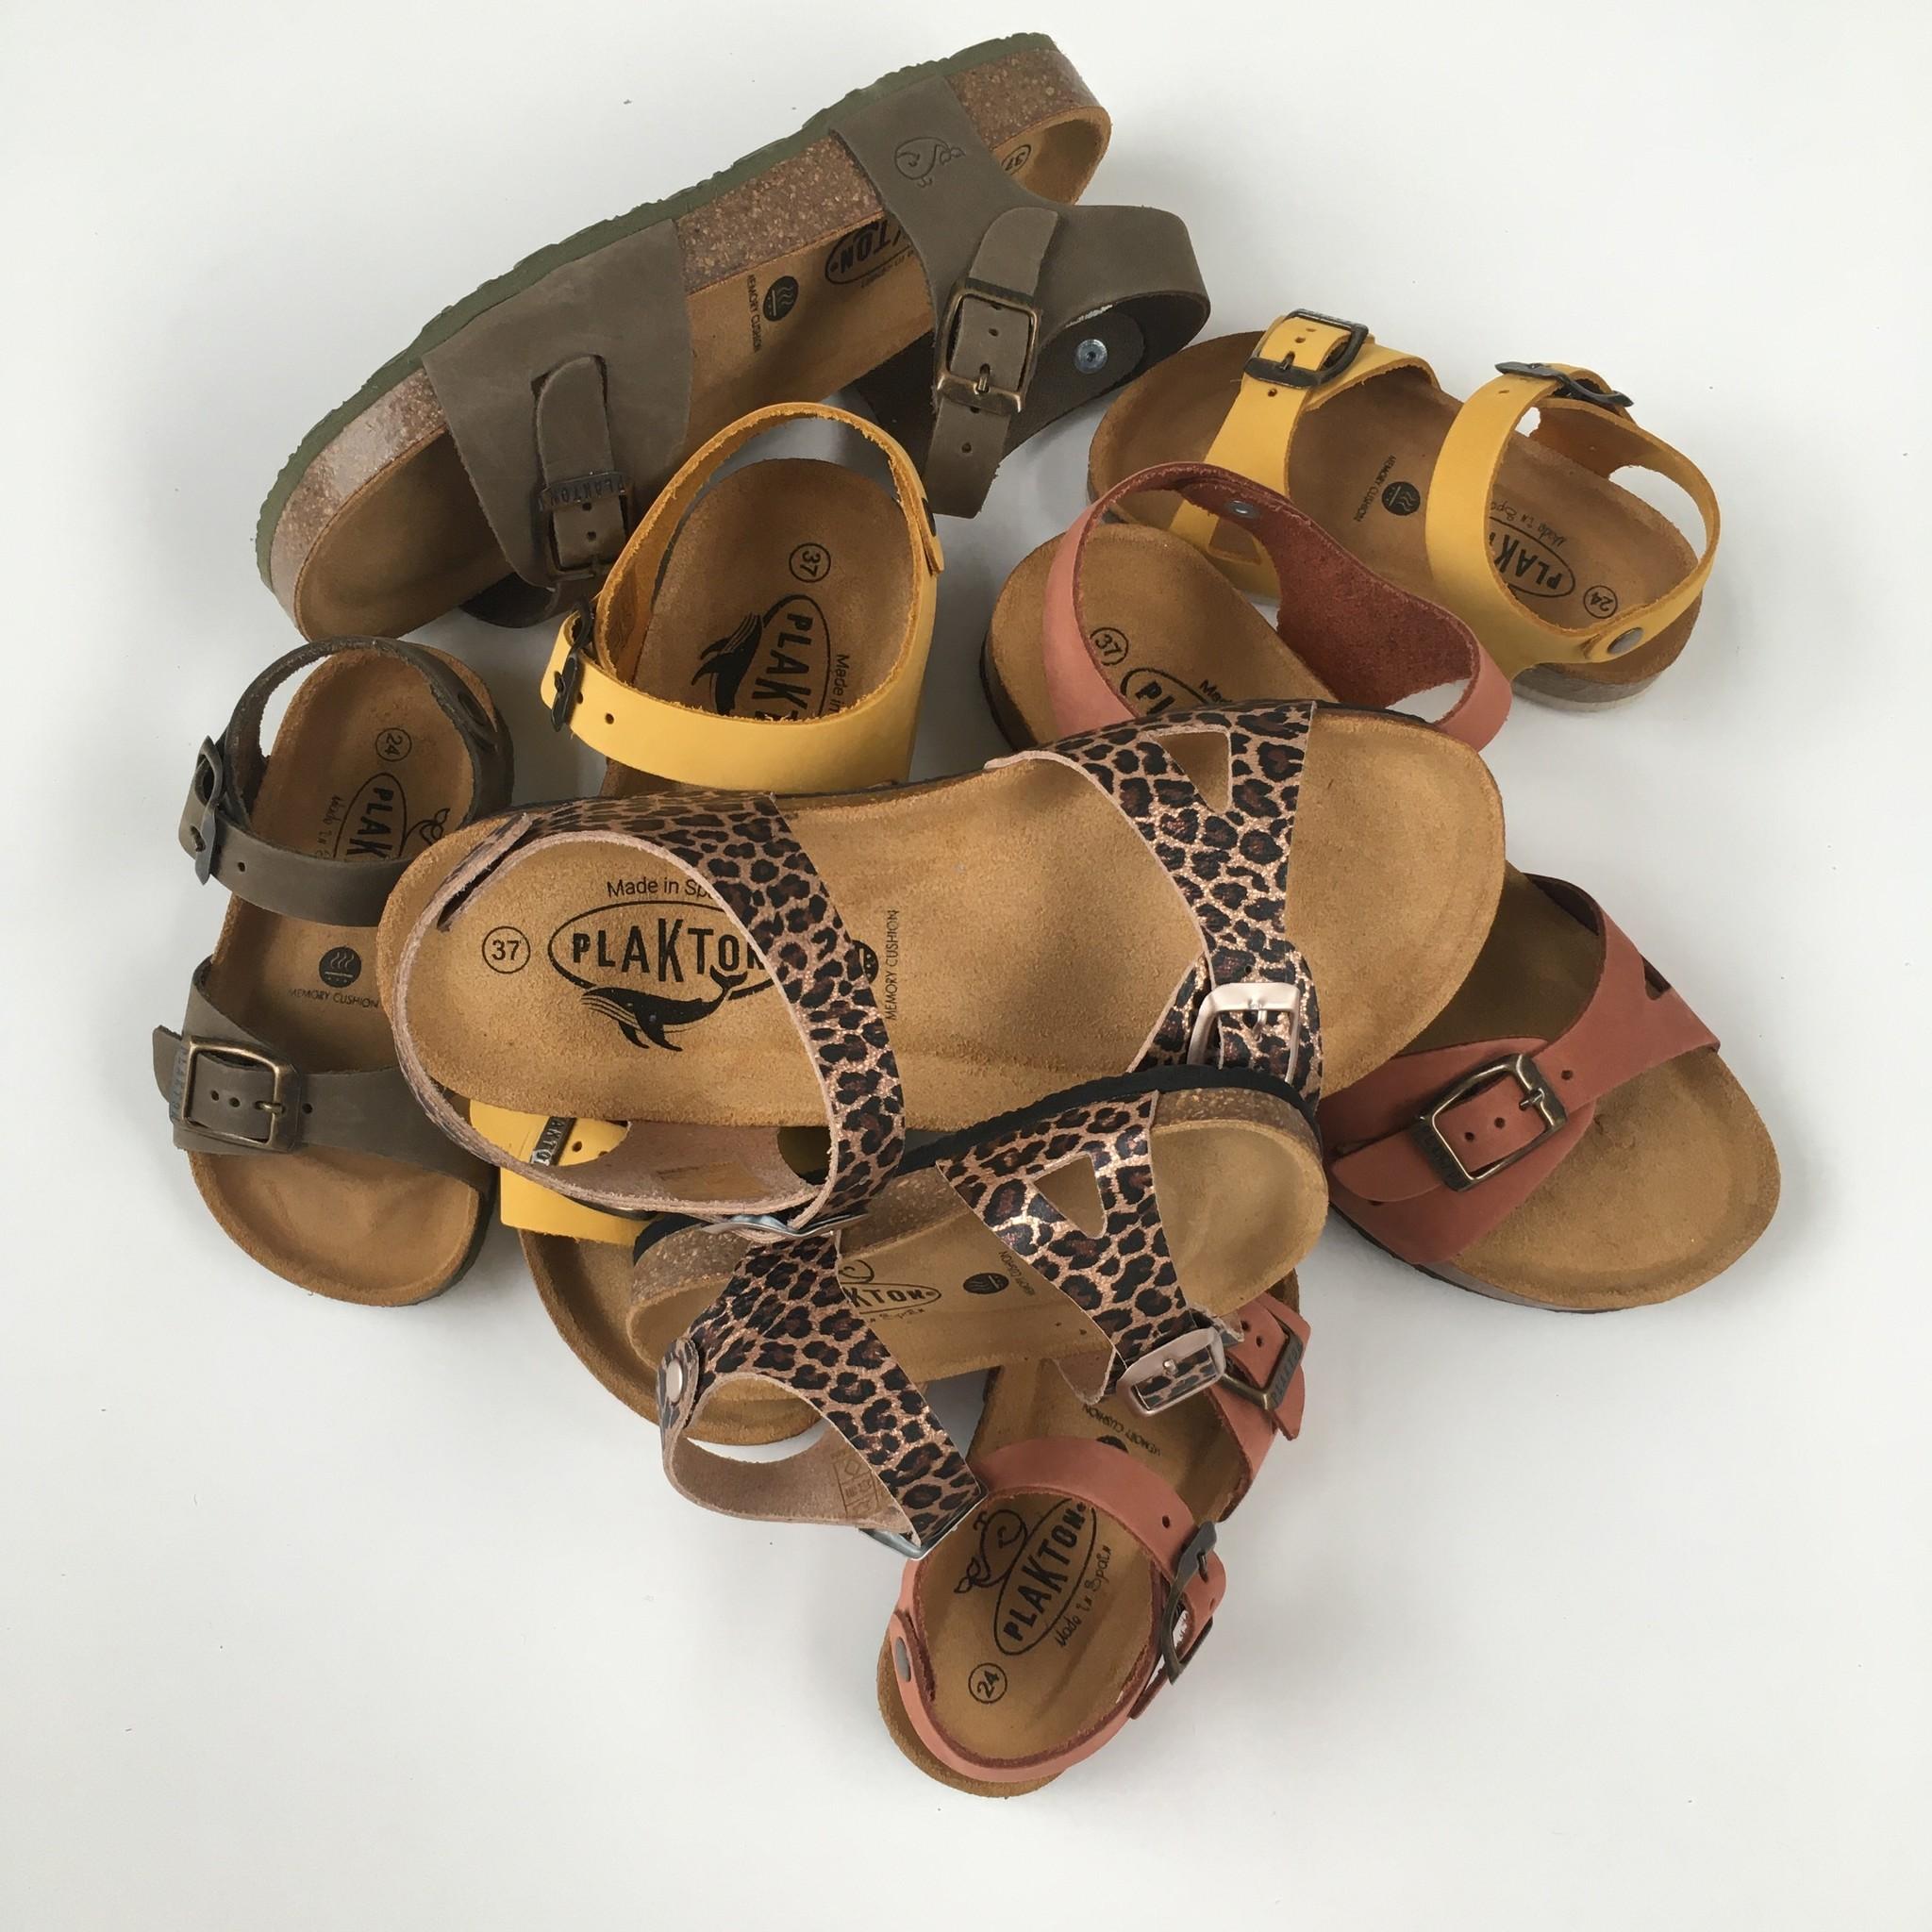 PLAKTON SANDALS leather cork sandal LISA teens & ladies - metallic panther pink - 35 to 40